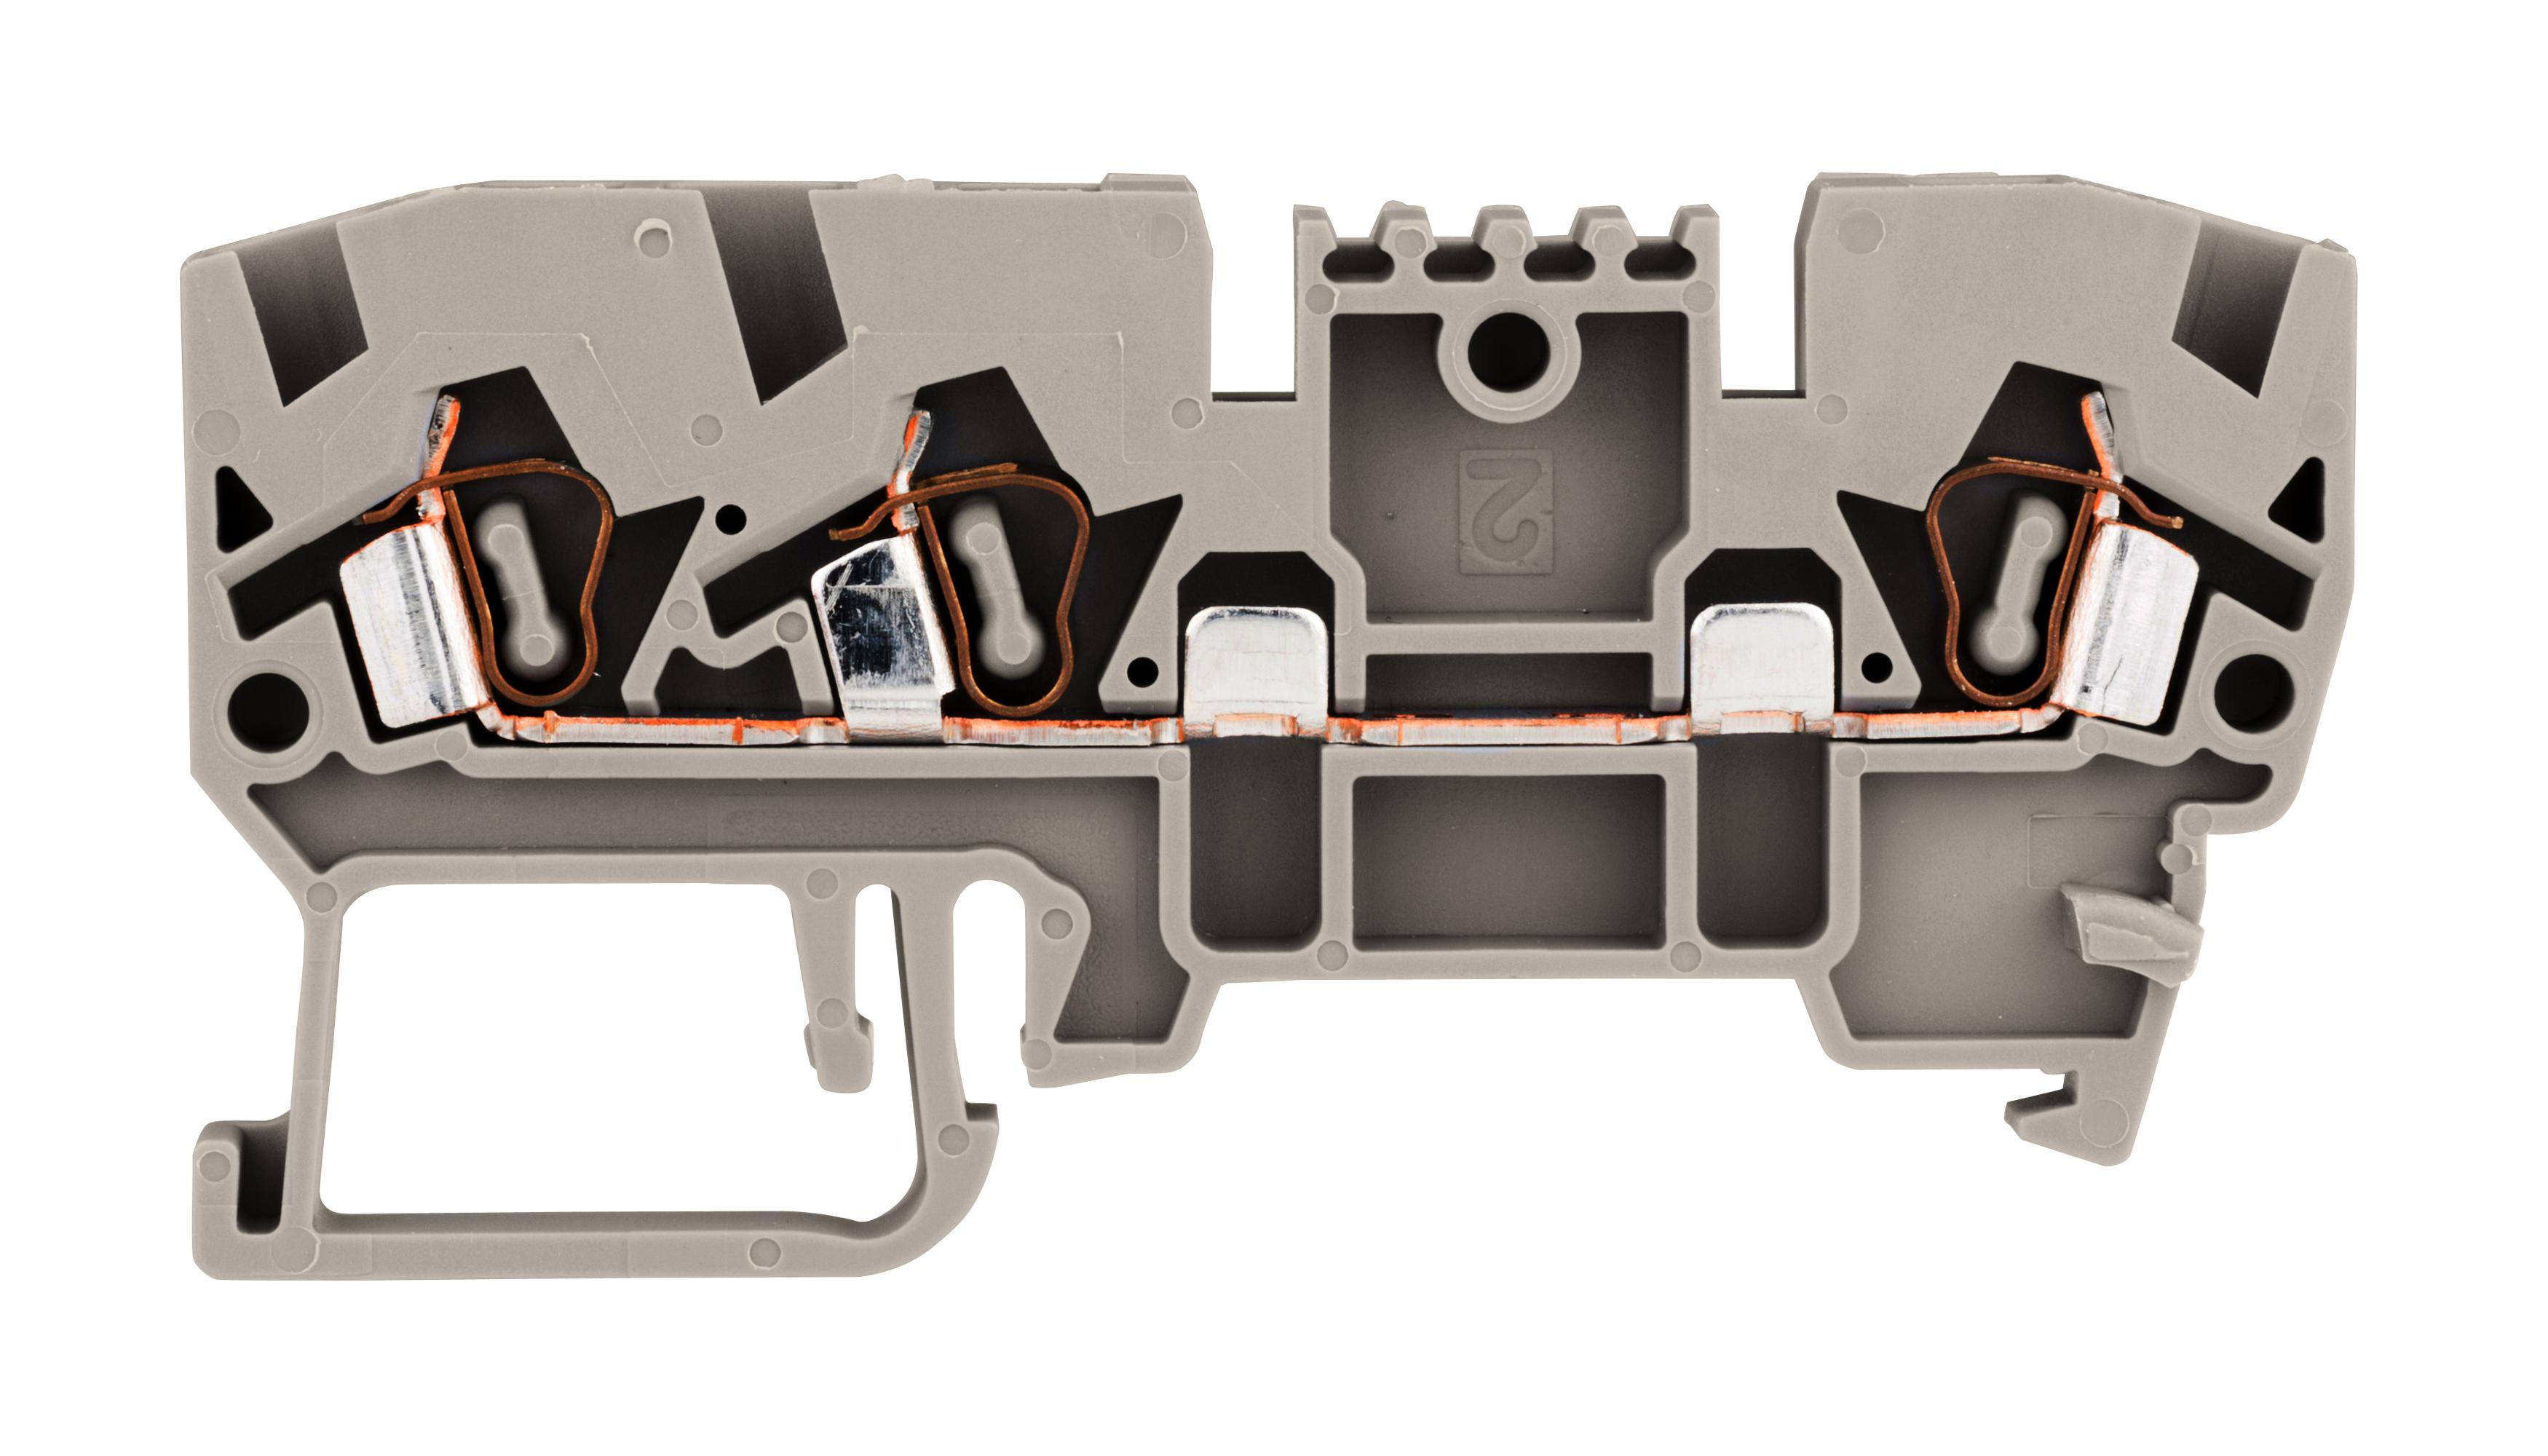 1 Stk SL-Mehrfachfederkraftklemme 2,5mm², Type YBK 2,5 E, grau IK690013--